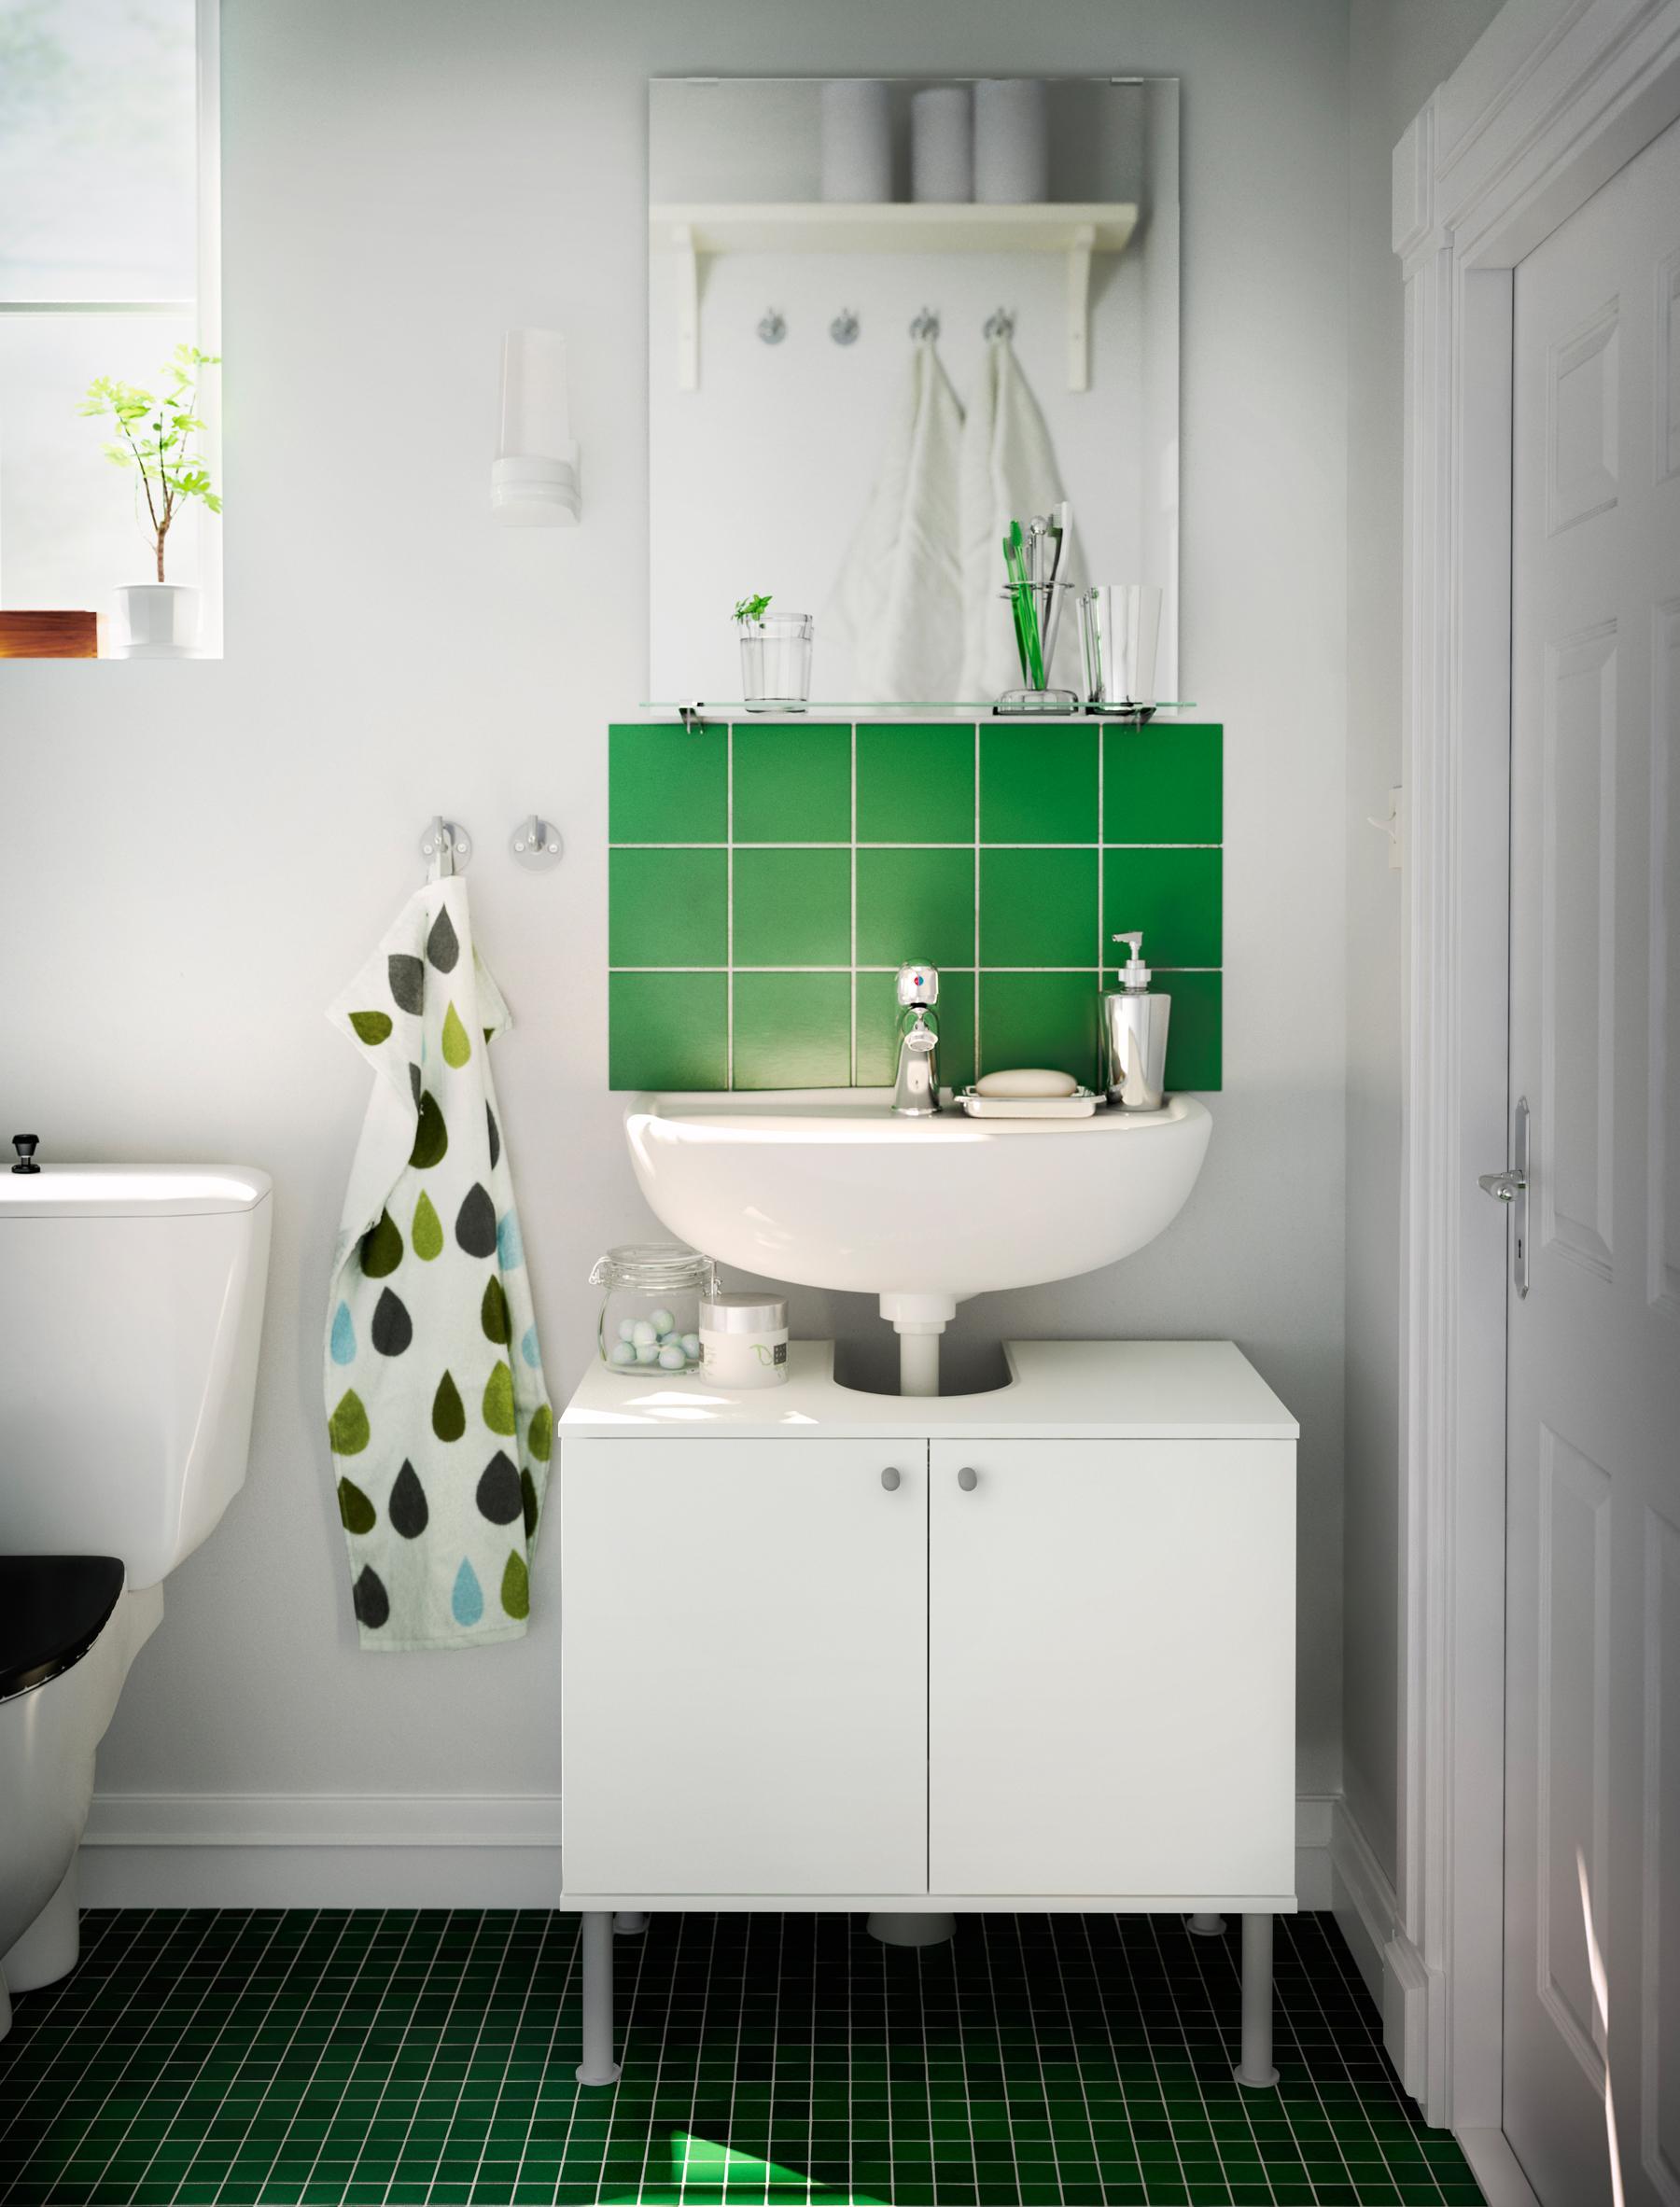 Mosaikfliesen Und Grüne Dekoelemente Im Weißen Badezimmer #ikea  #waschbeckenunterschrank ©Inter IKEA Systems B.V